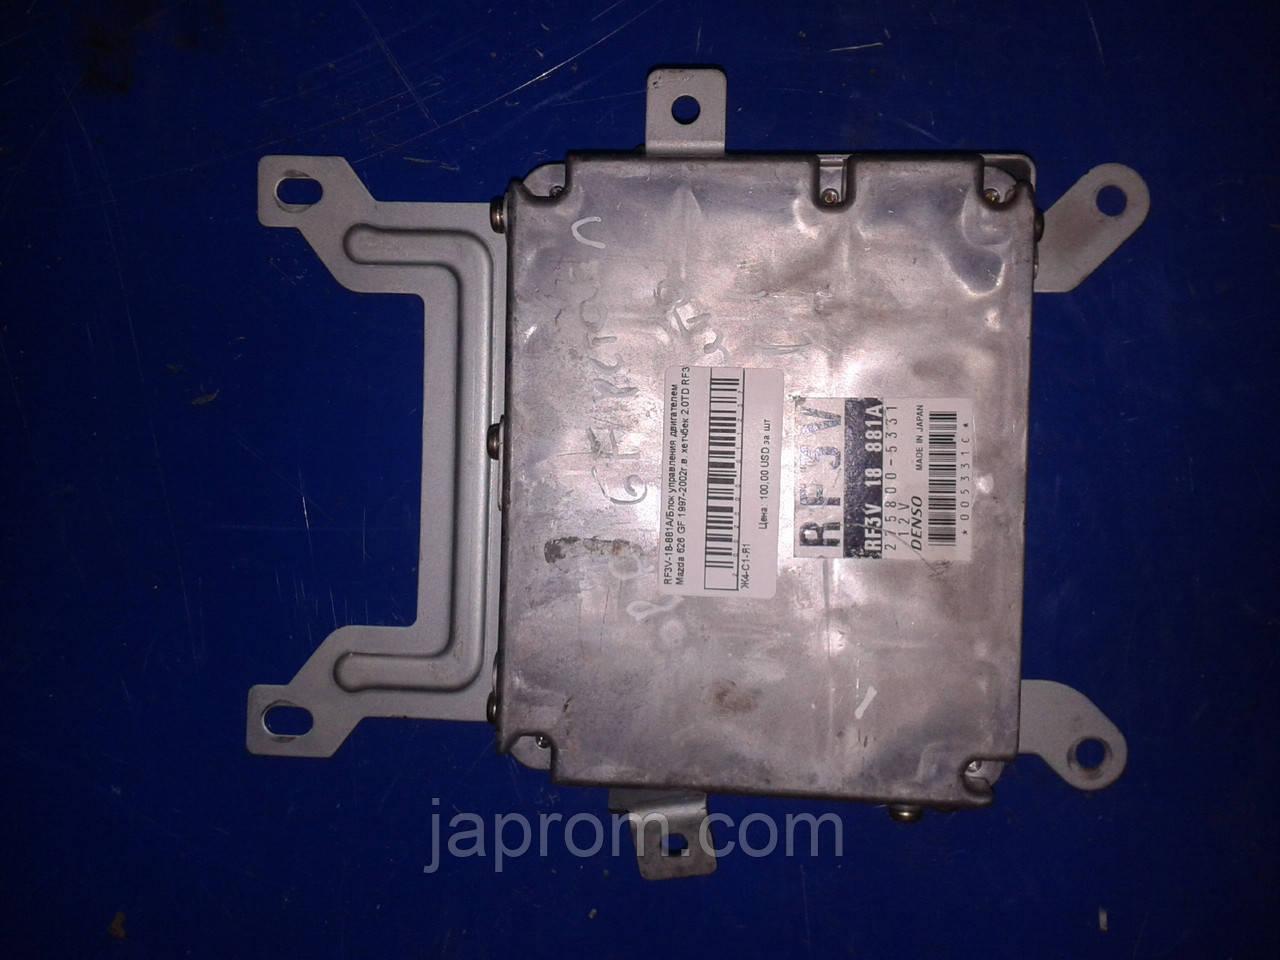 Блок управления двигателем Mazda 626 GF 1997-2002г.в. хетчбек 2.0TD RF3V комплект